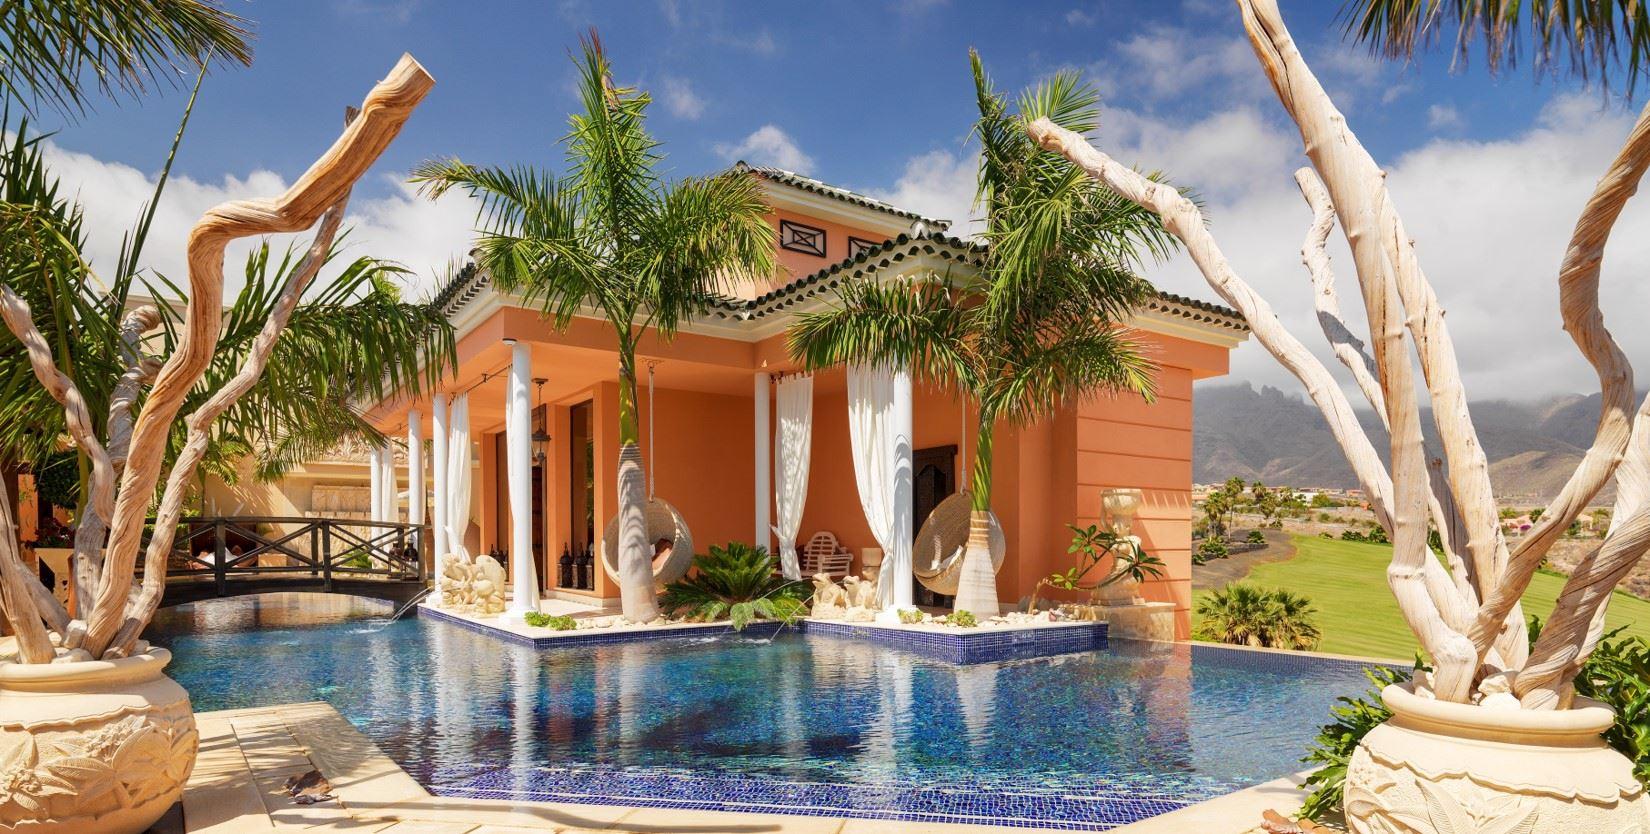 Reception Royal Garden Villas, Adeje Teneriffa